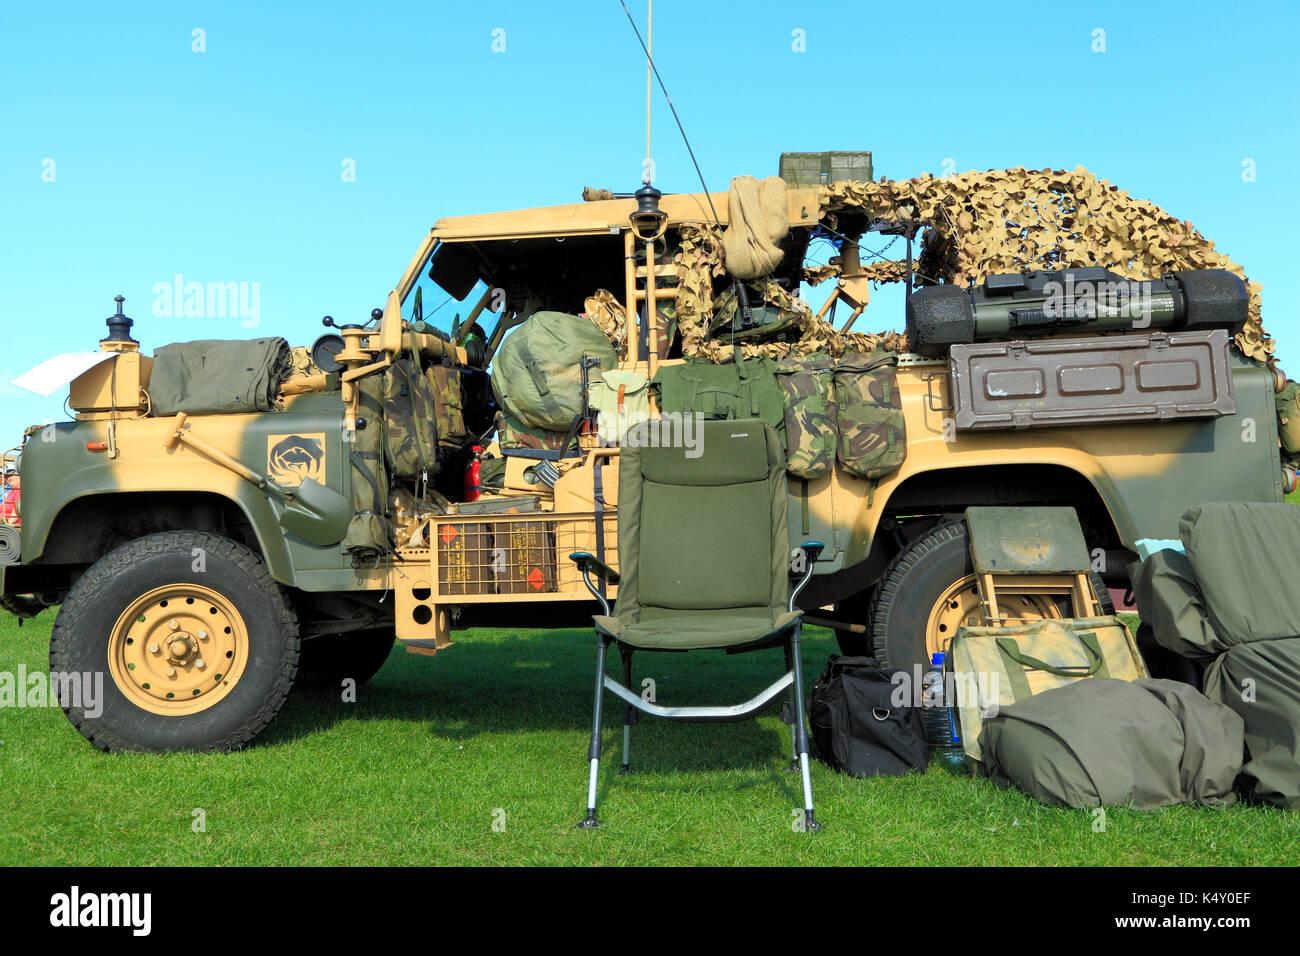 Ejército Británico, vintage vehículo, transportes de tropas, militares, vehículos,Inglaterra, Reino Unido. Imagen De Stock